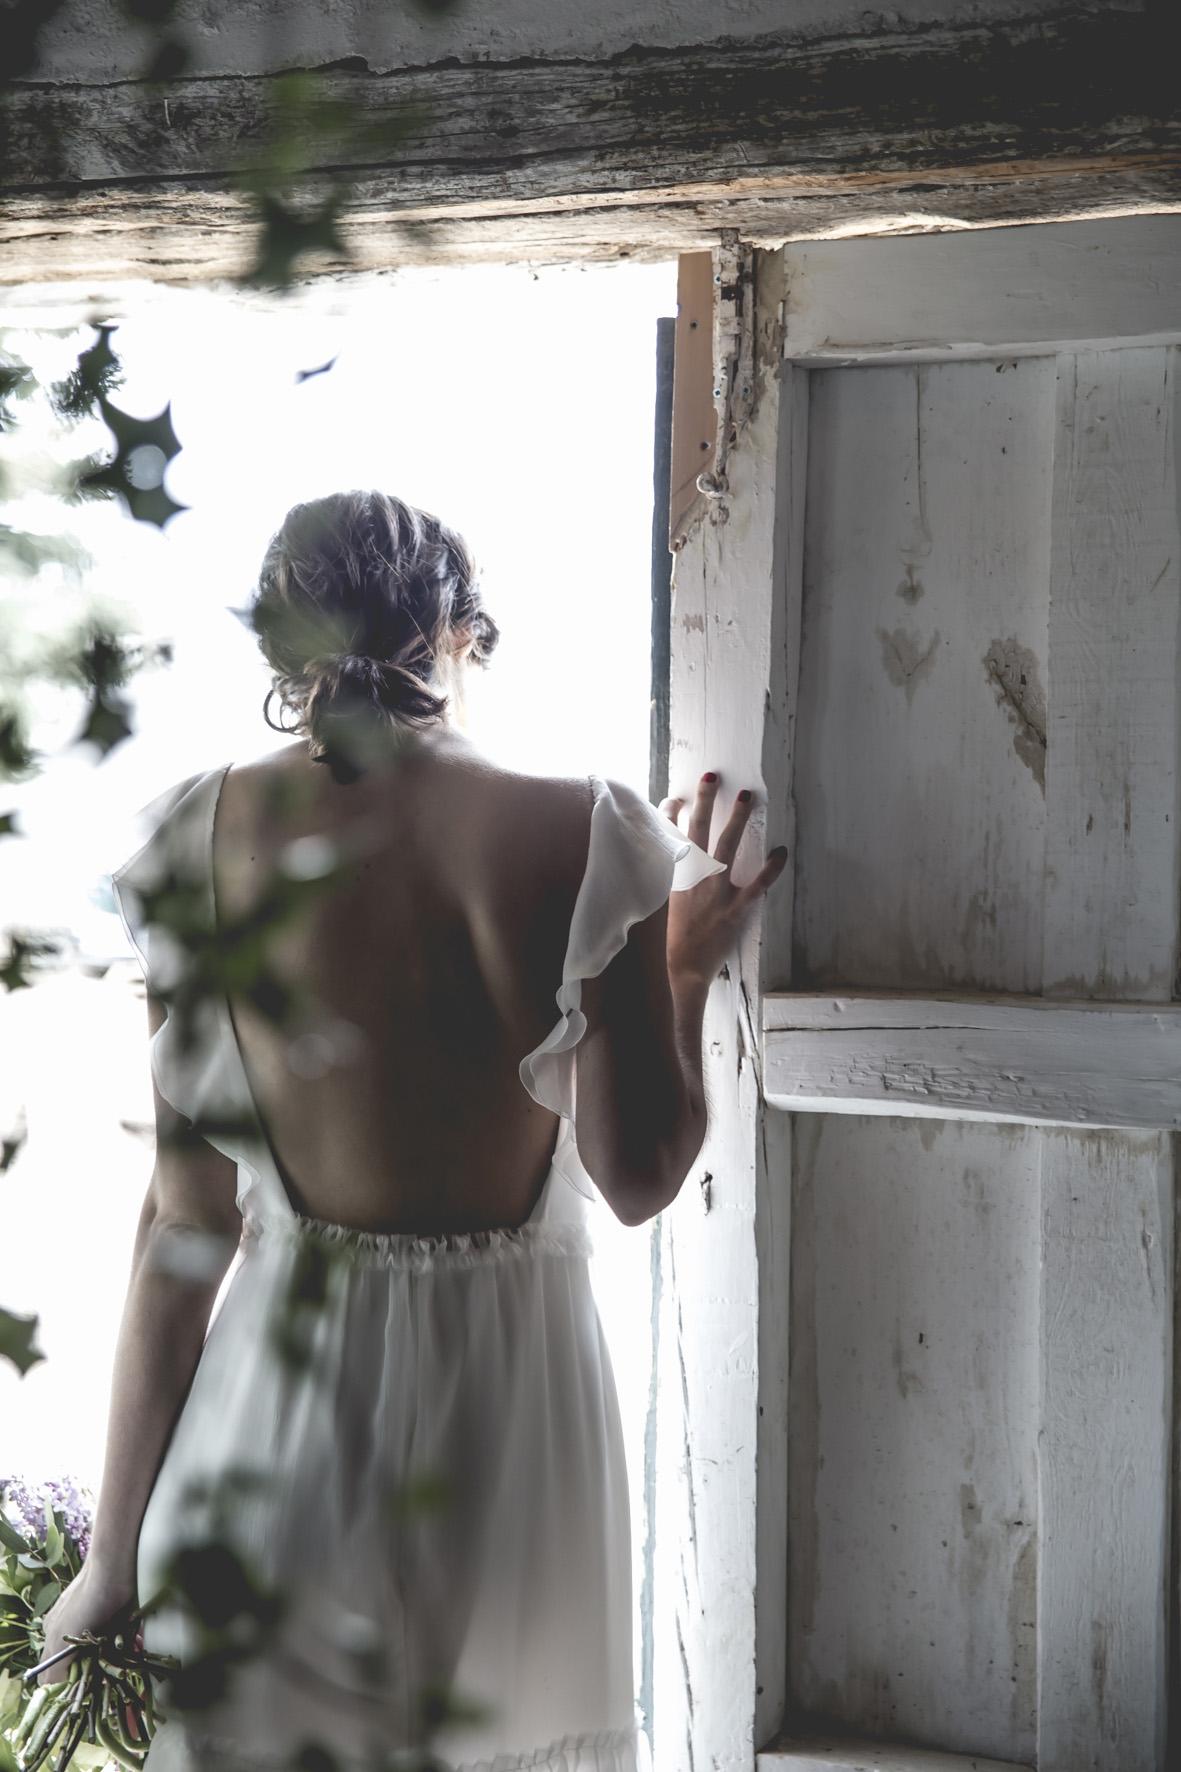 alejandra-svarc-patriciasemir23